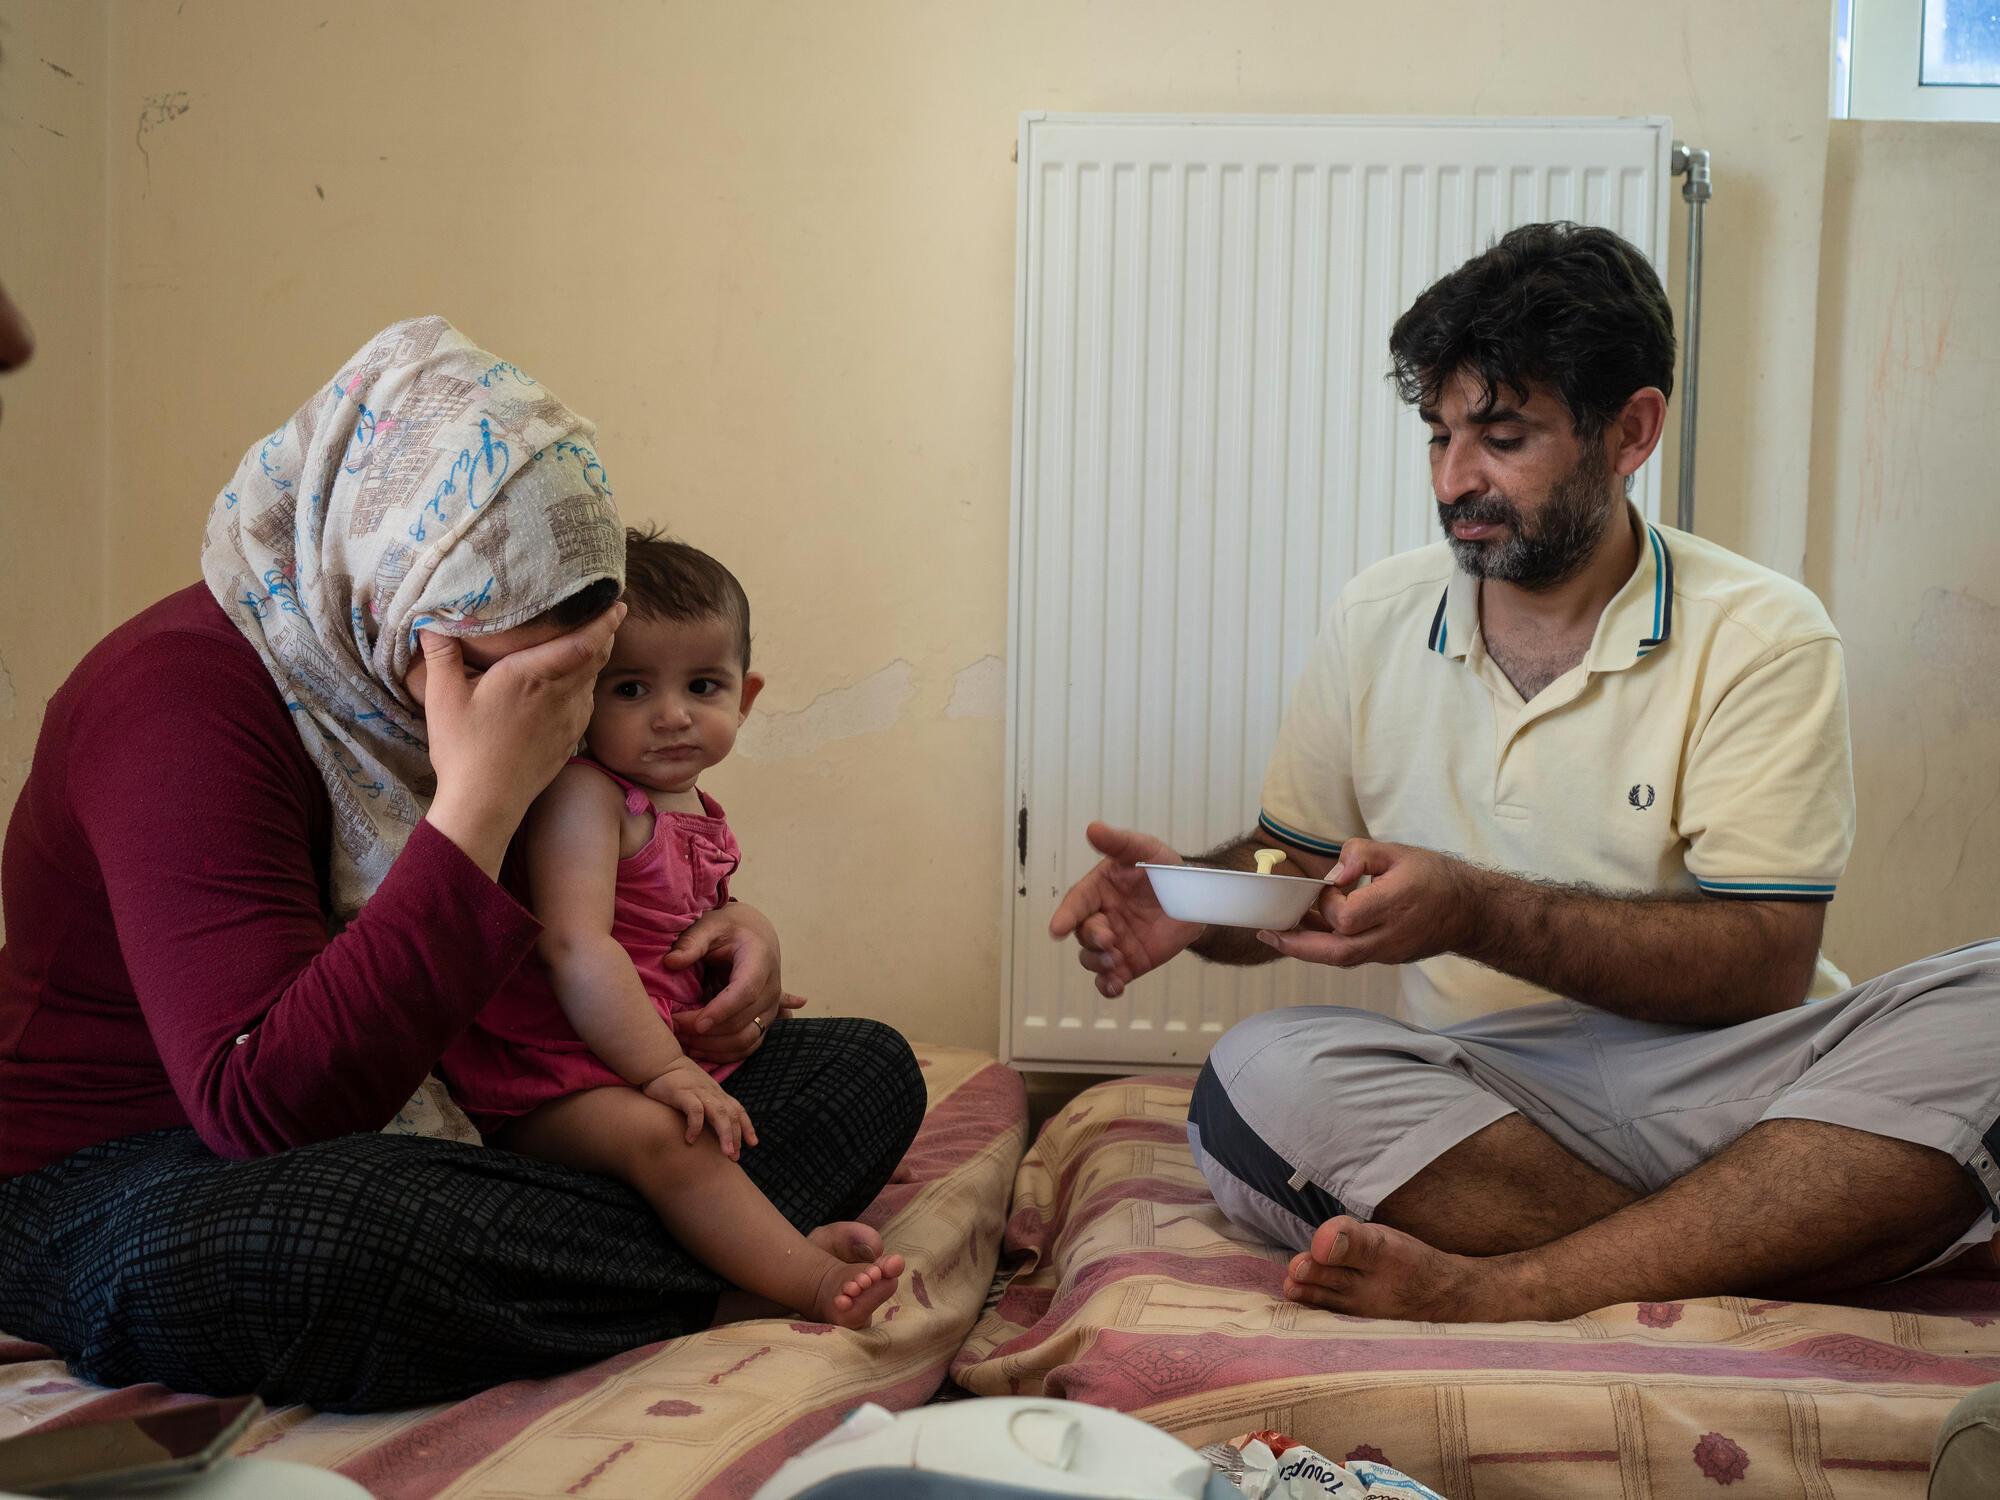 Portrait de Dalal et sa famille, août 2020, crédit : Enri CANAJ/MAGNUM Photos